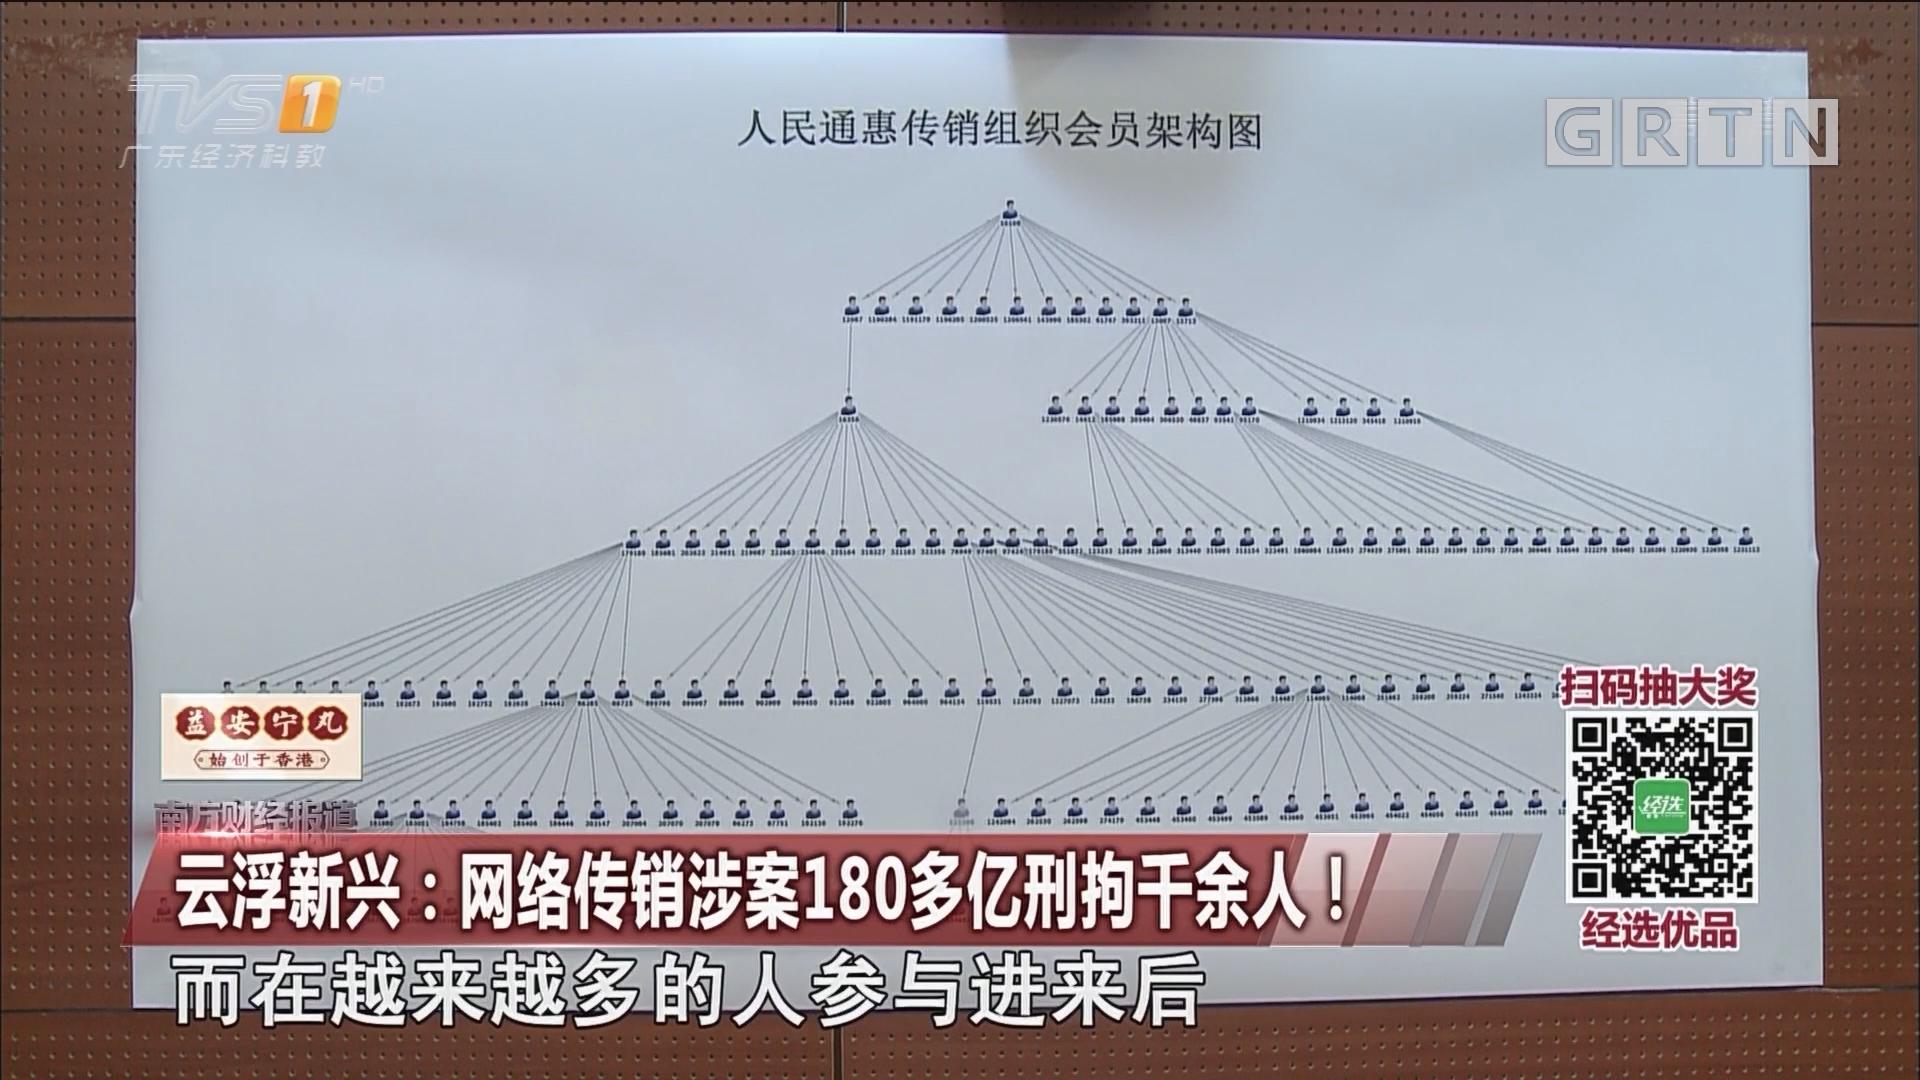 云浮新兴:网络传销涉案180多亿刑拘千余人!